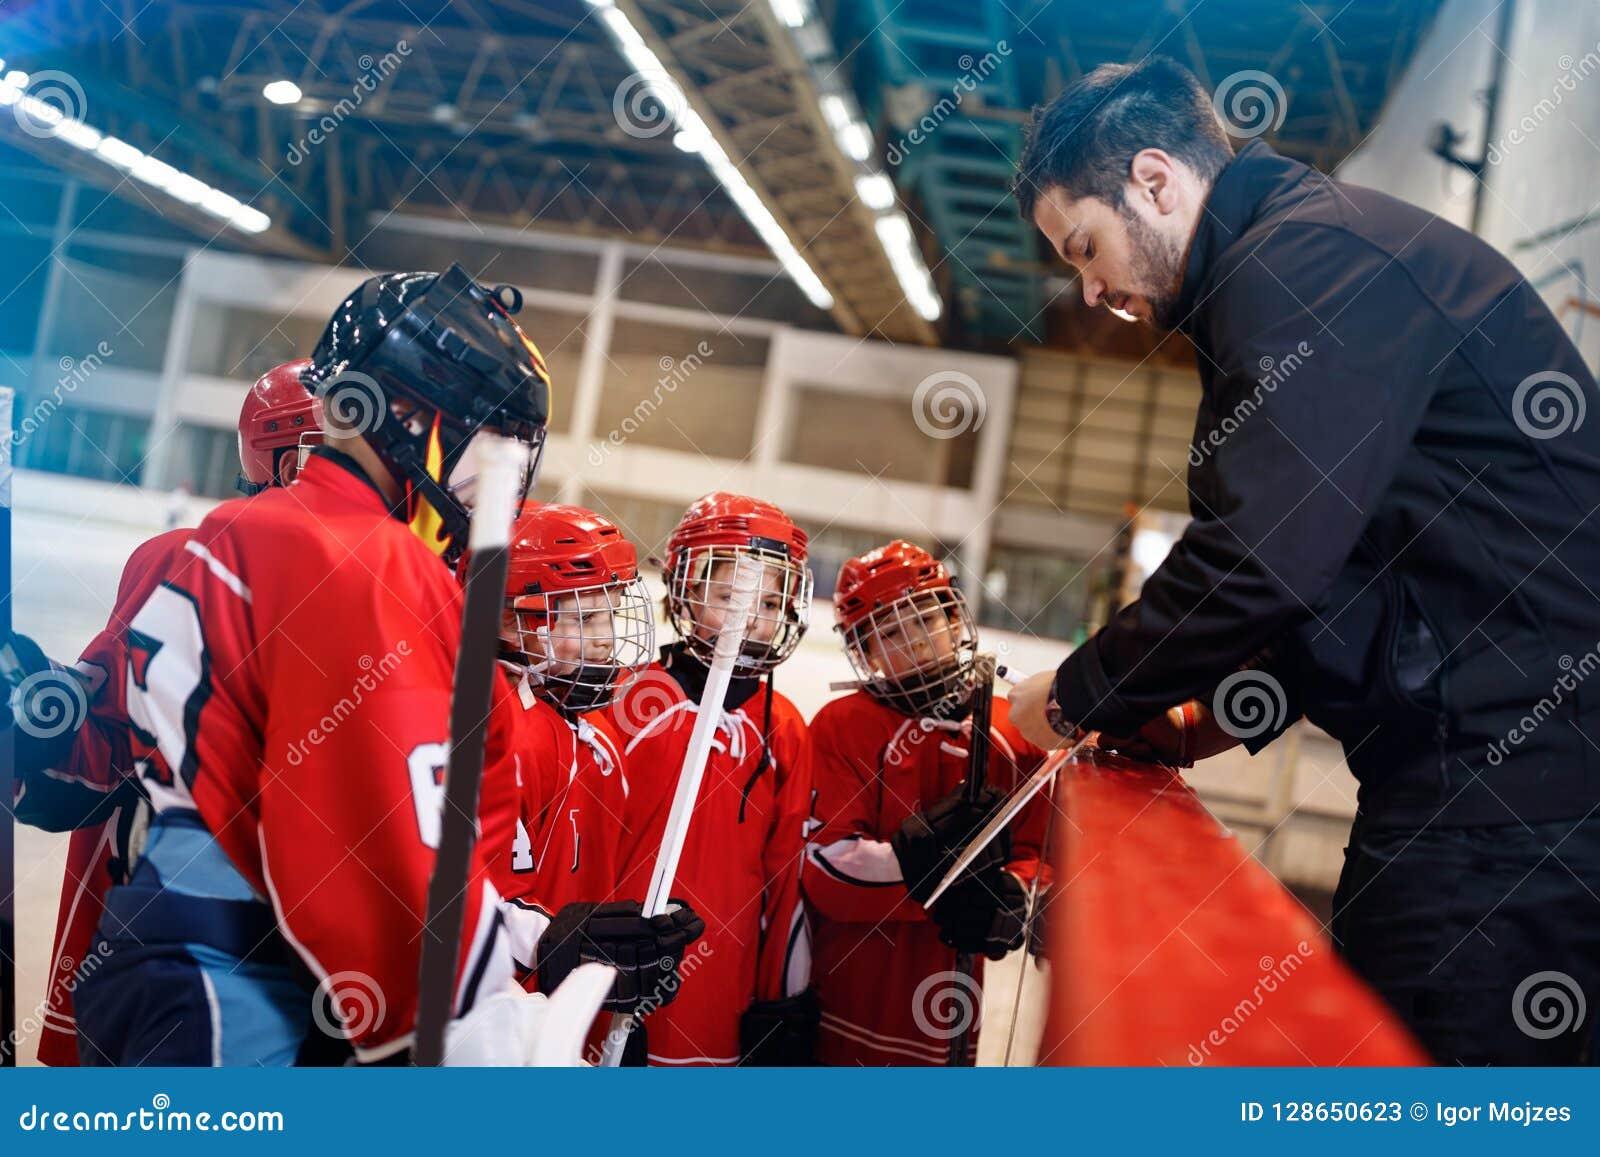 Тактик стратегии игры в хоккее